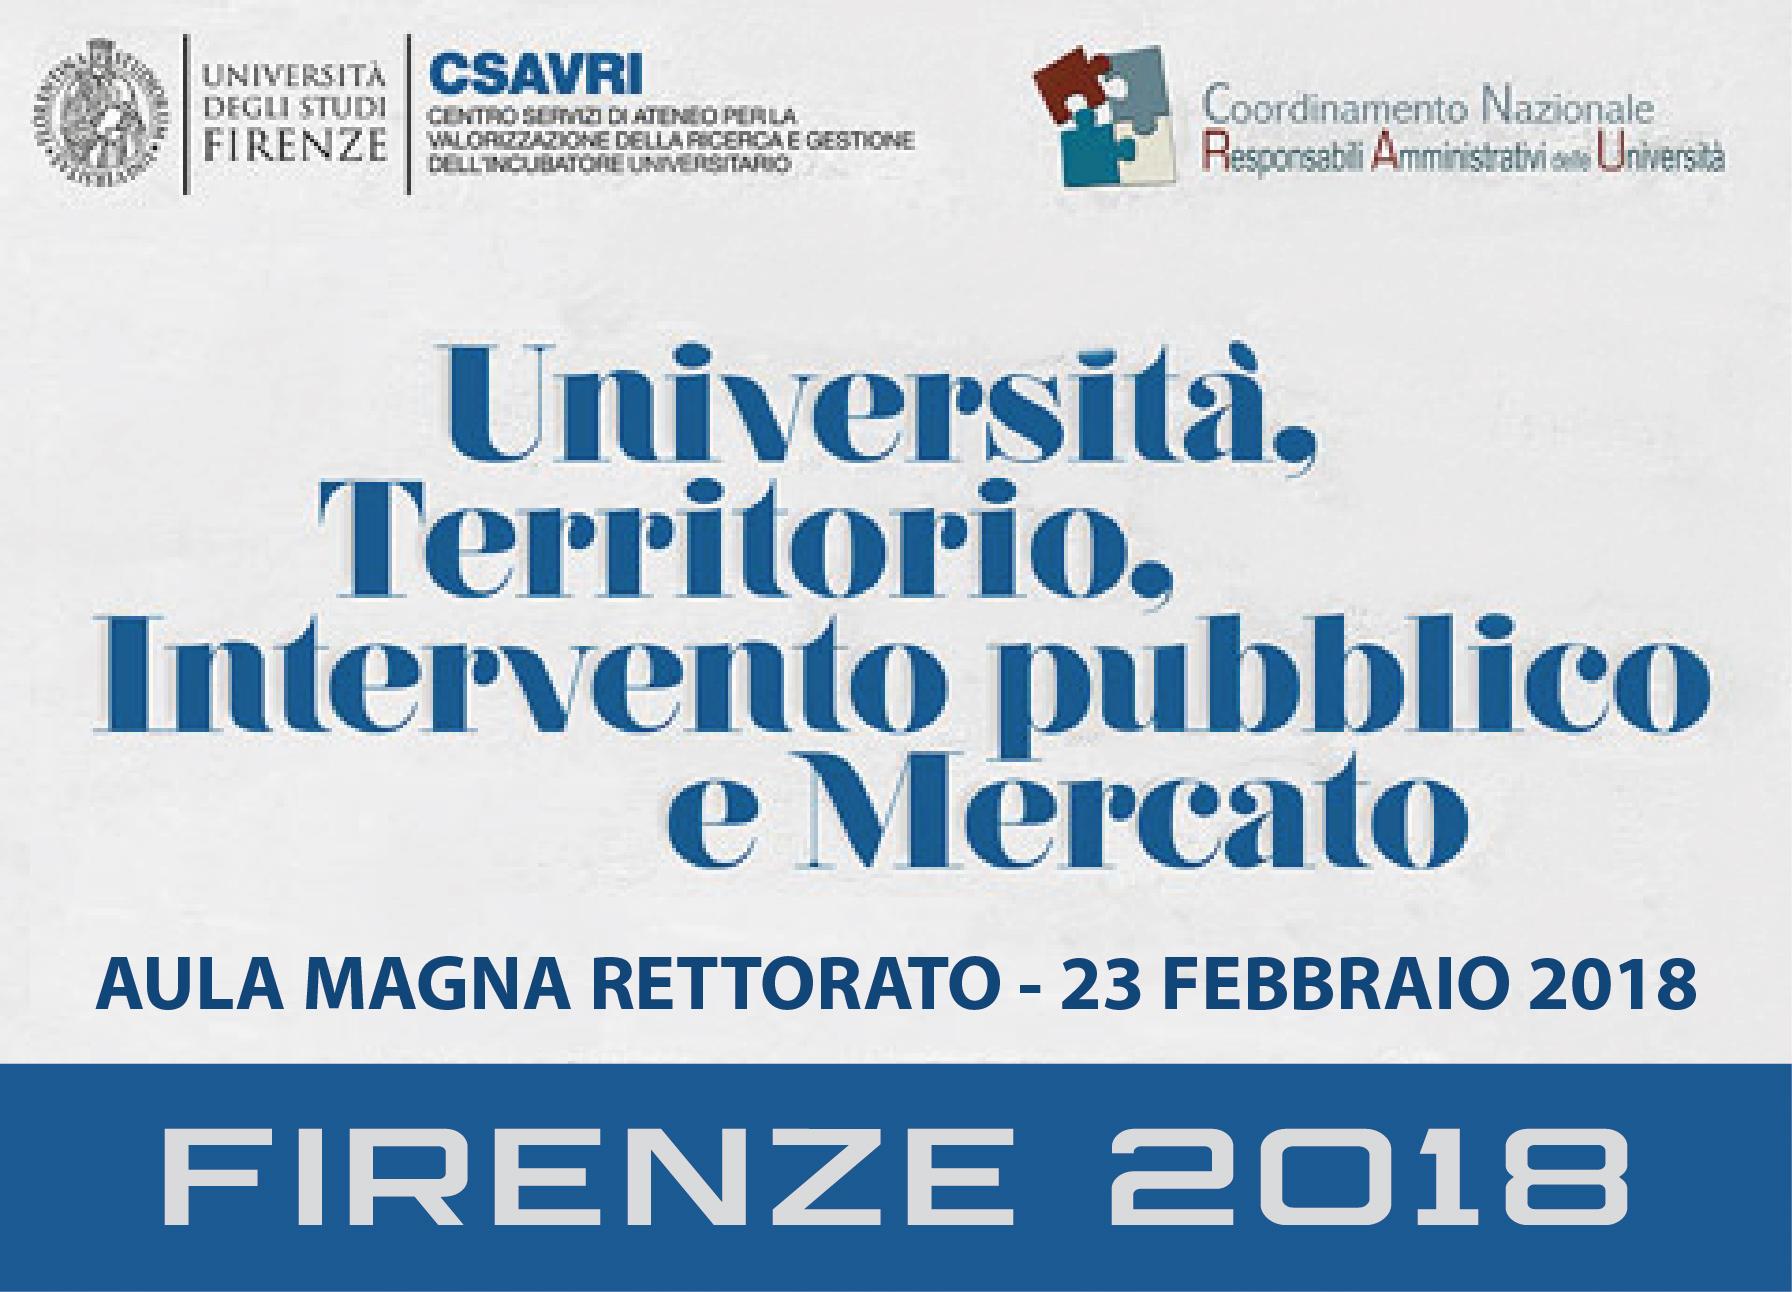 Firenze 2018